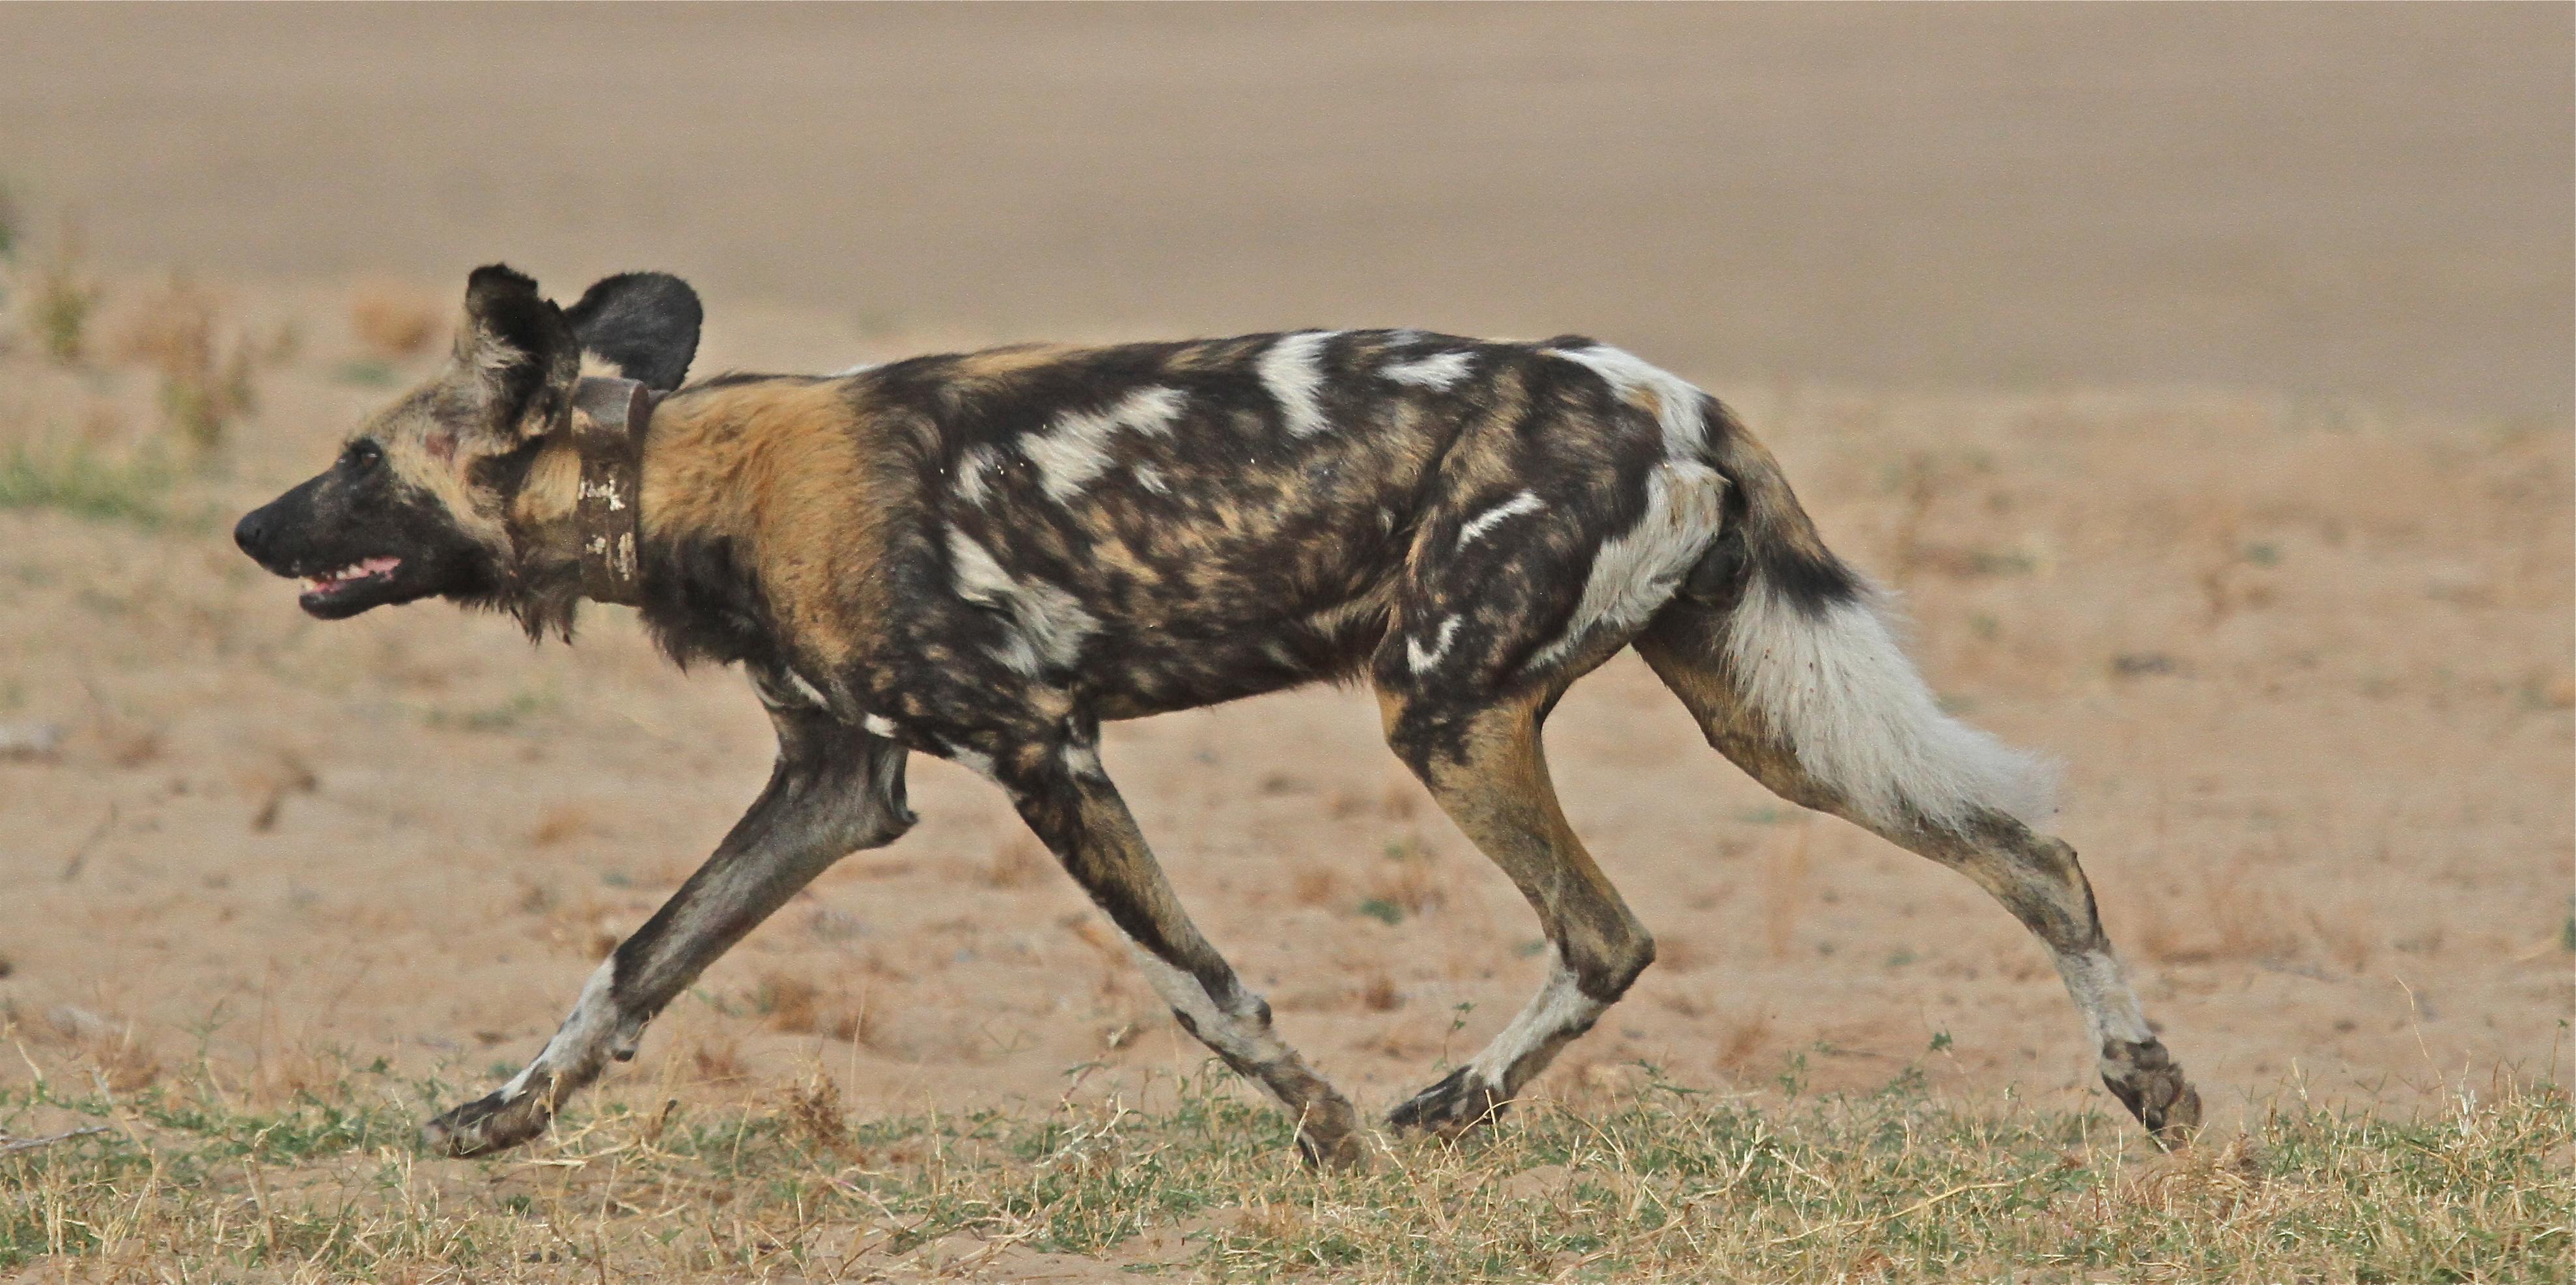 A Wild Dog, Kapani Camp, Luangwa Valley, Zambia